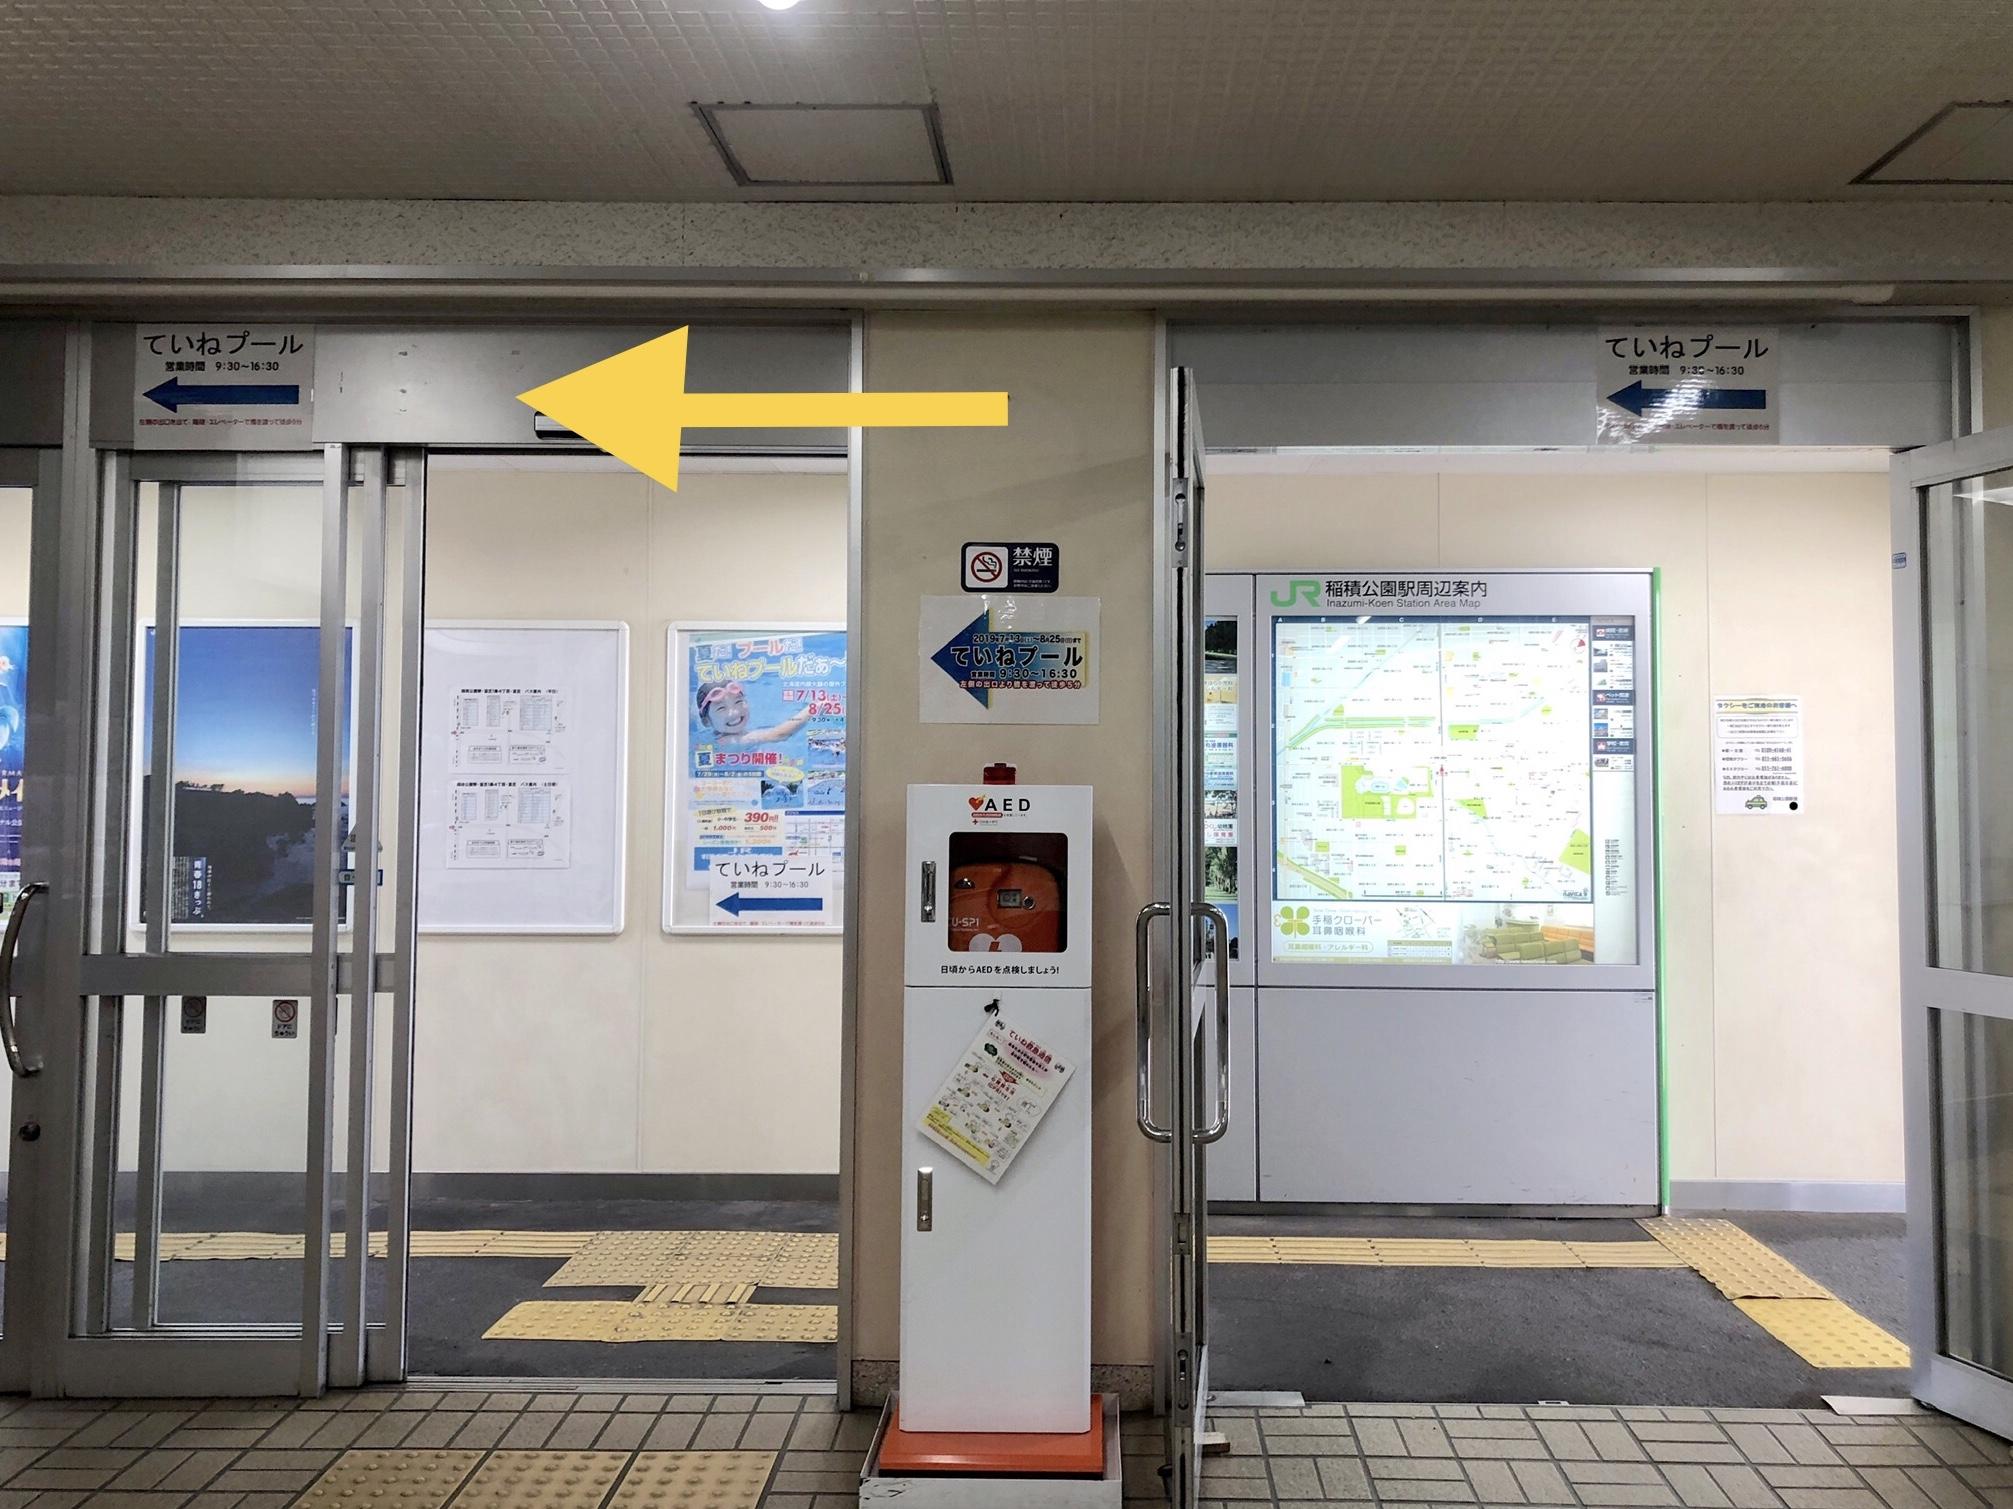 稲積公園 駅経路案内